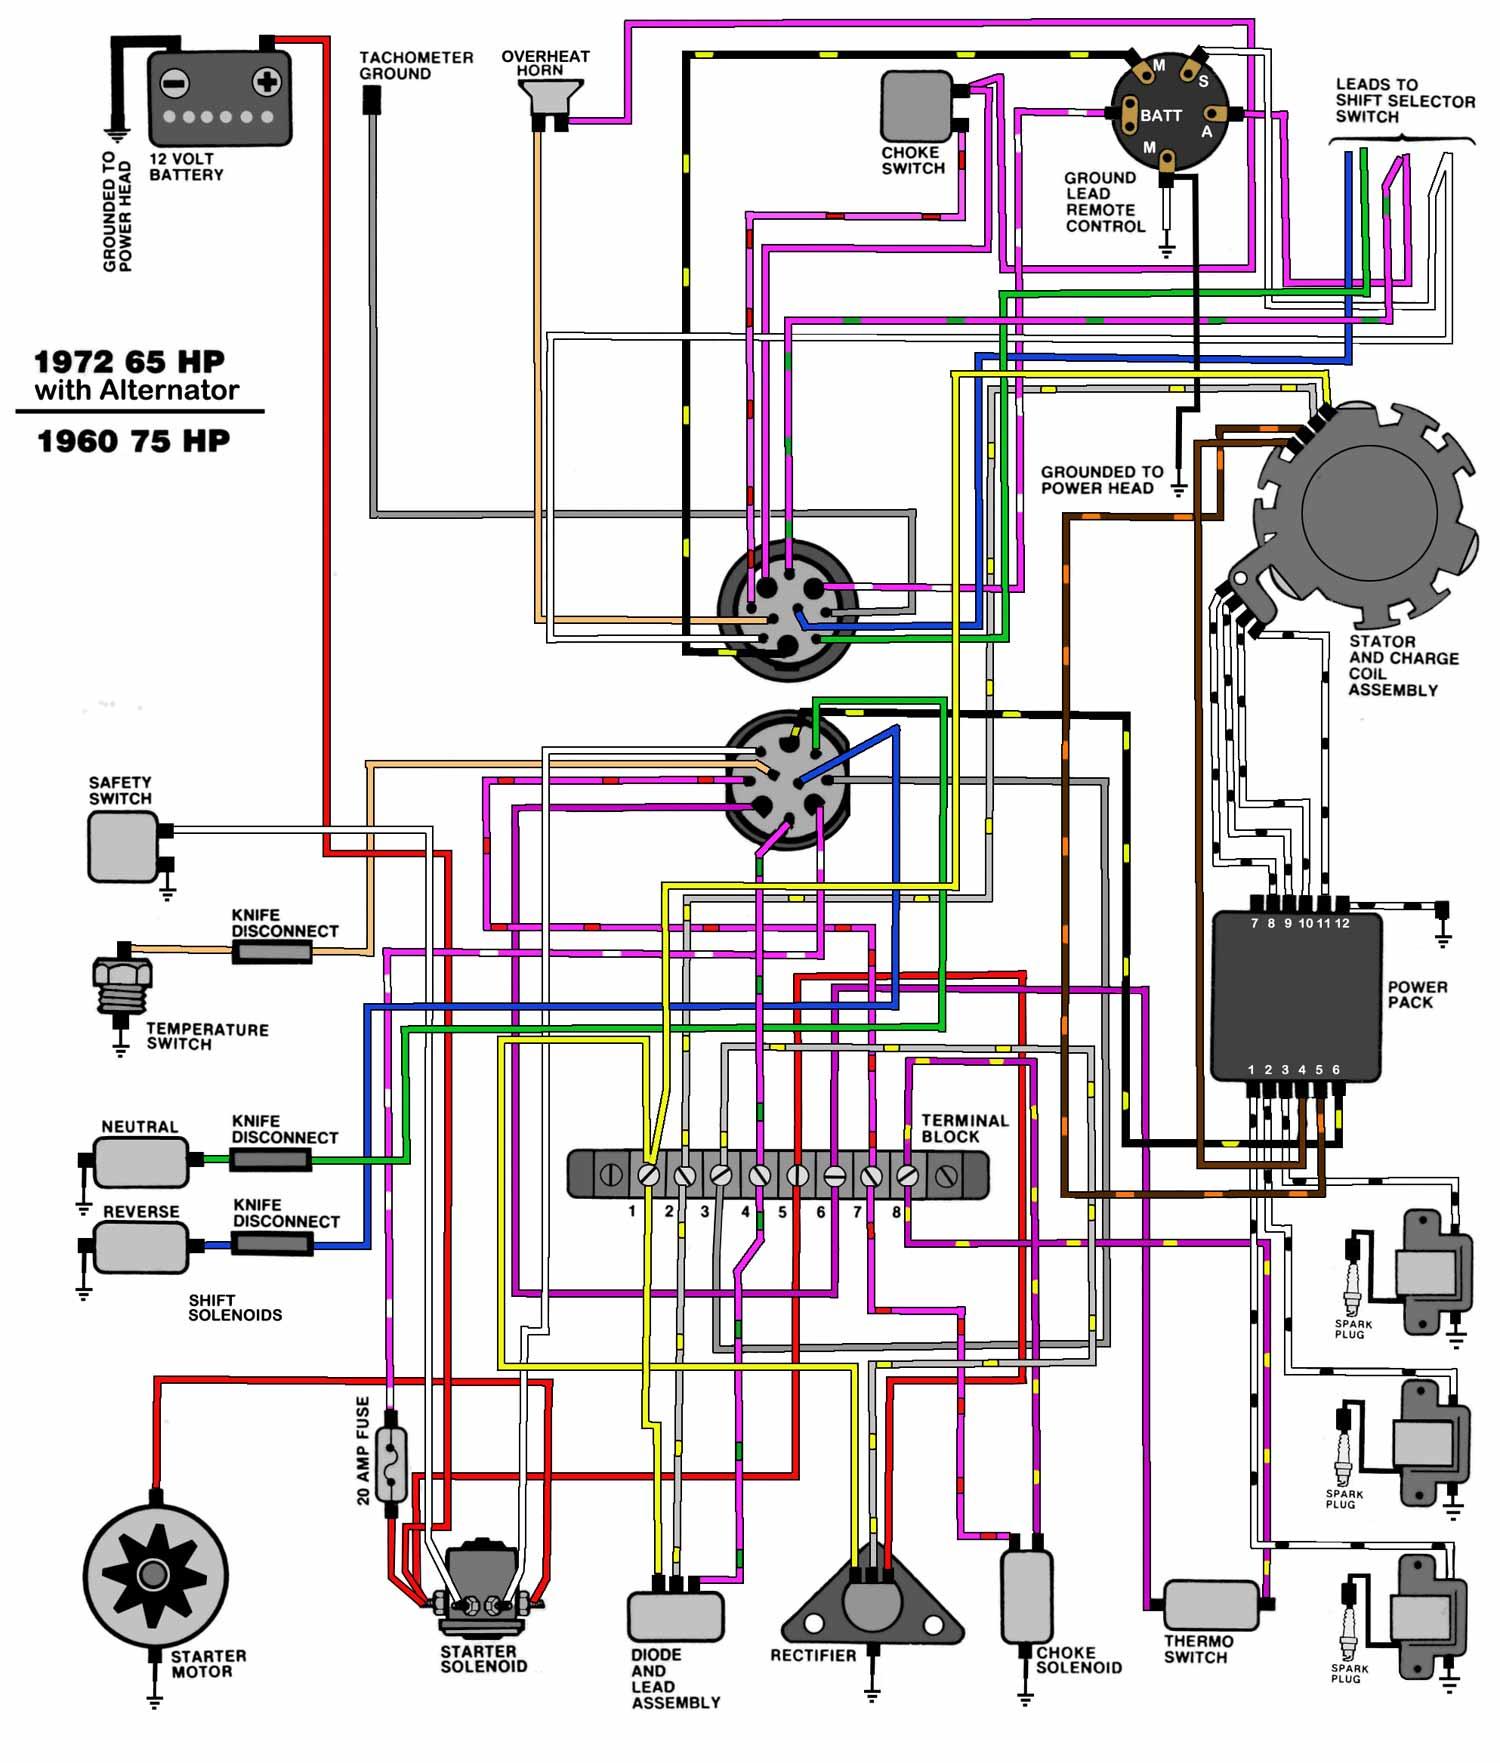 Johnson Wiring Harness Johnson Wiring Harness Adapter Wiring